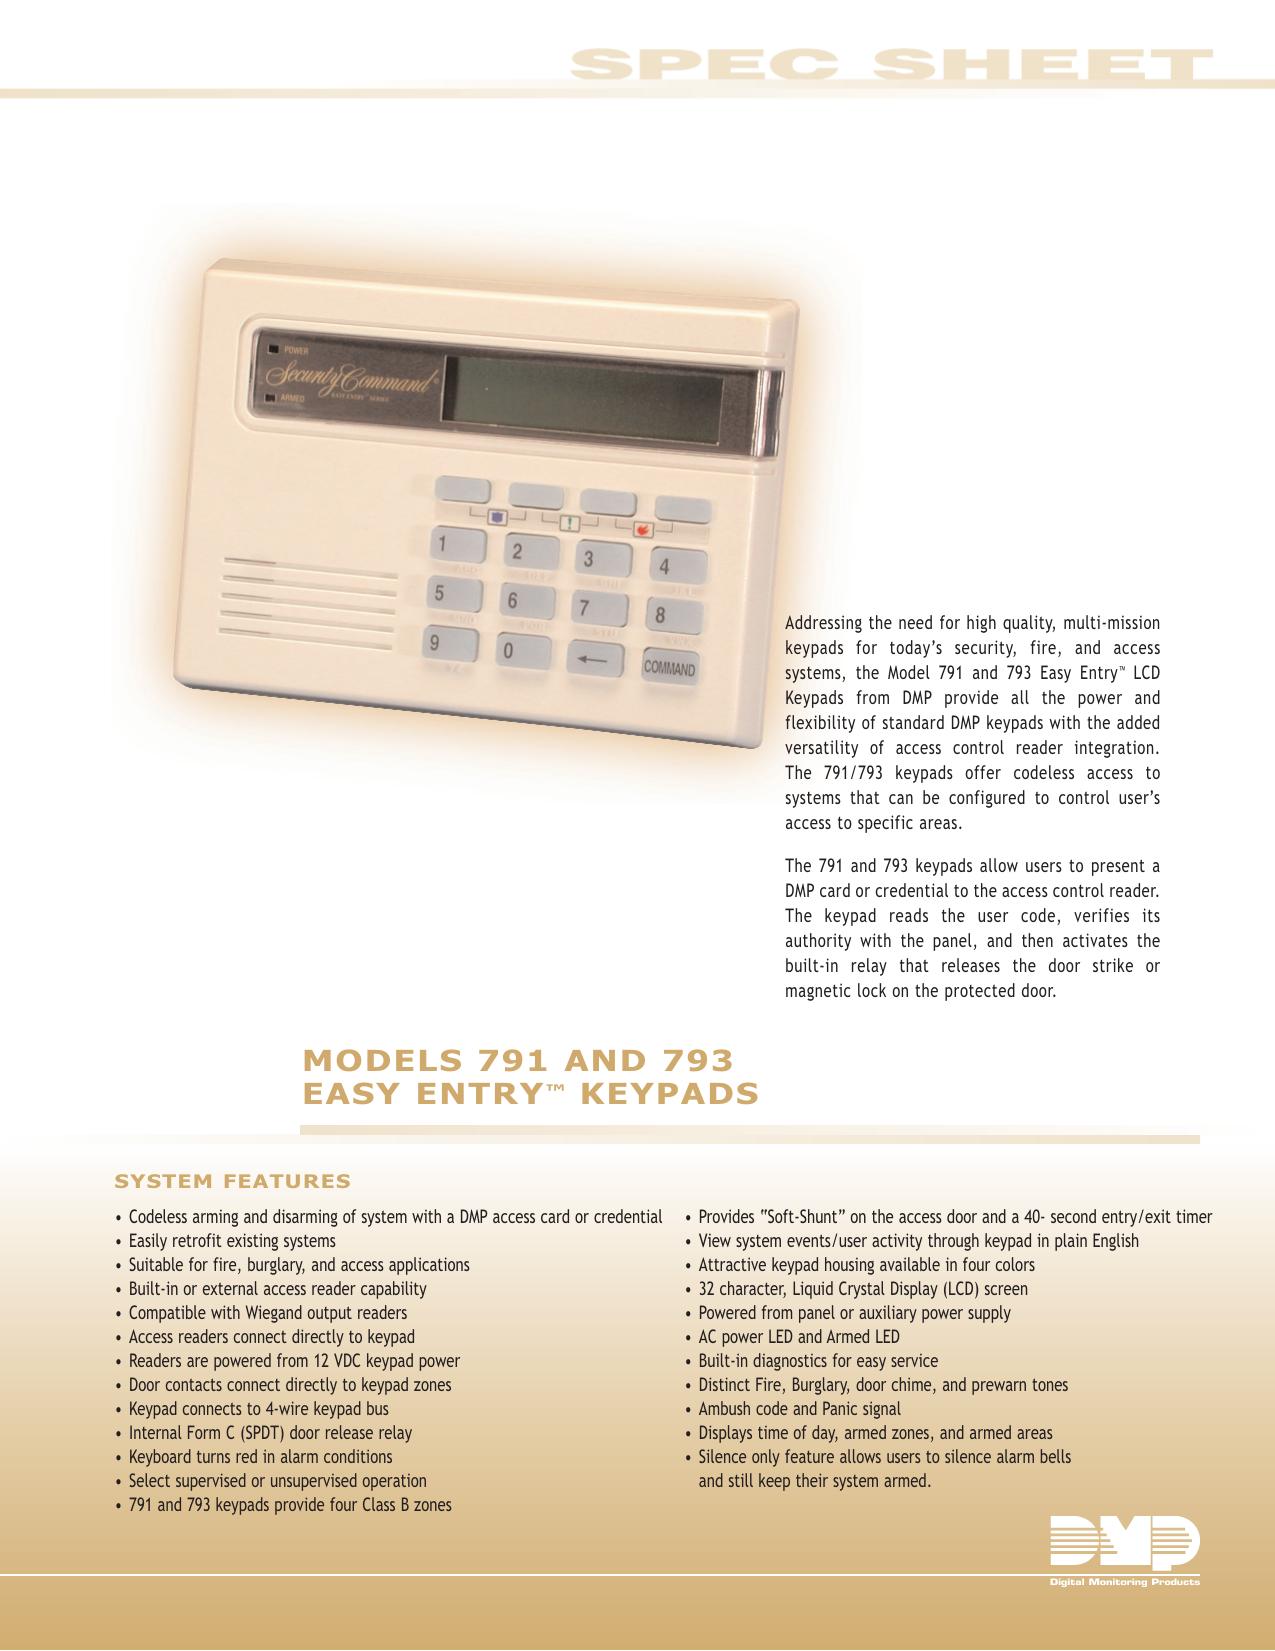 models 791 and 793 easy entry™ keypads - dmp com | manualzz com